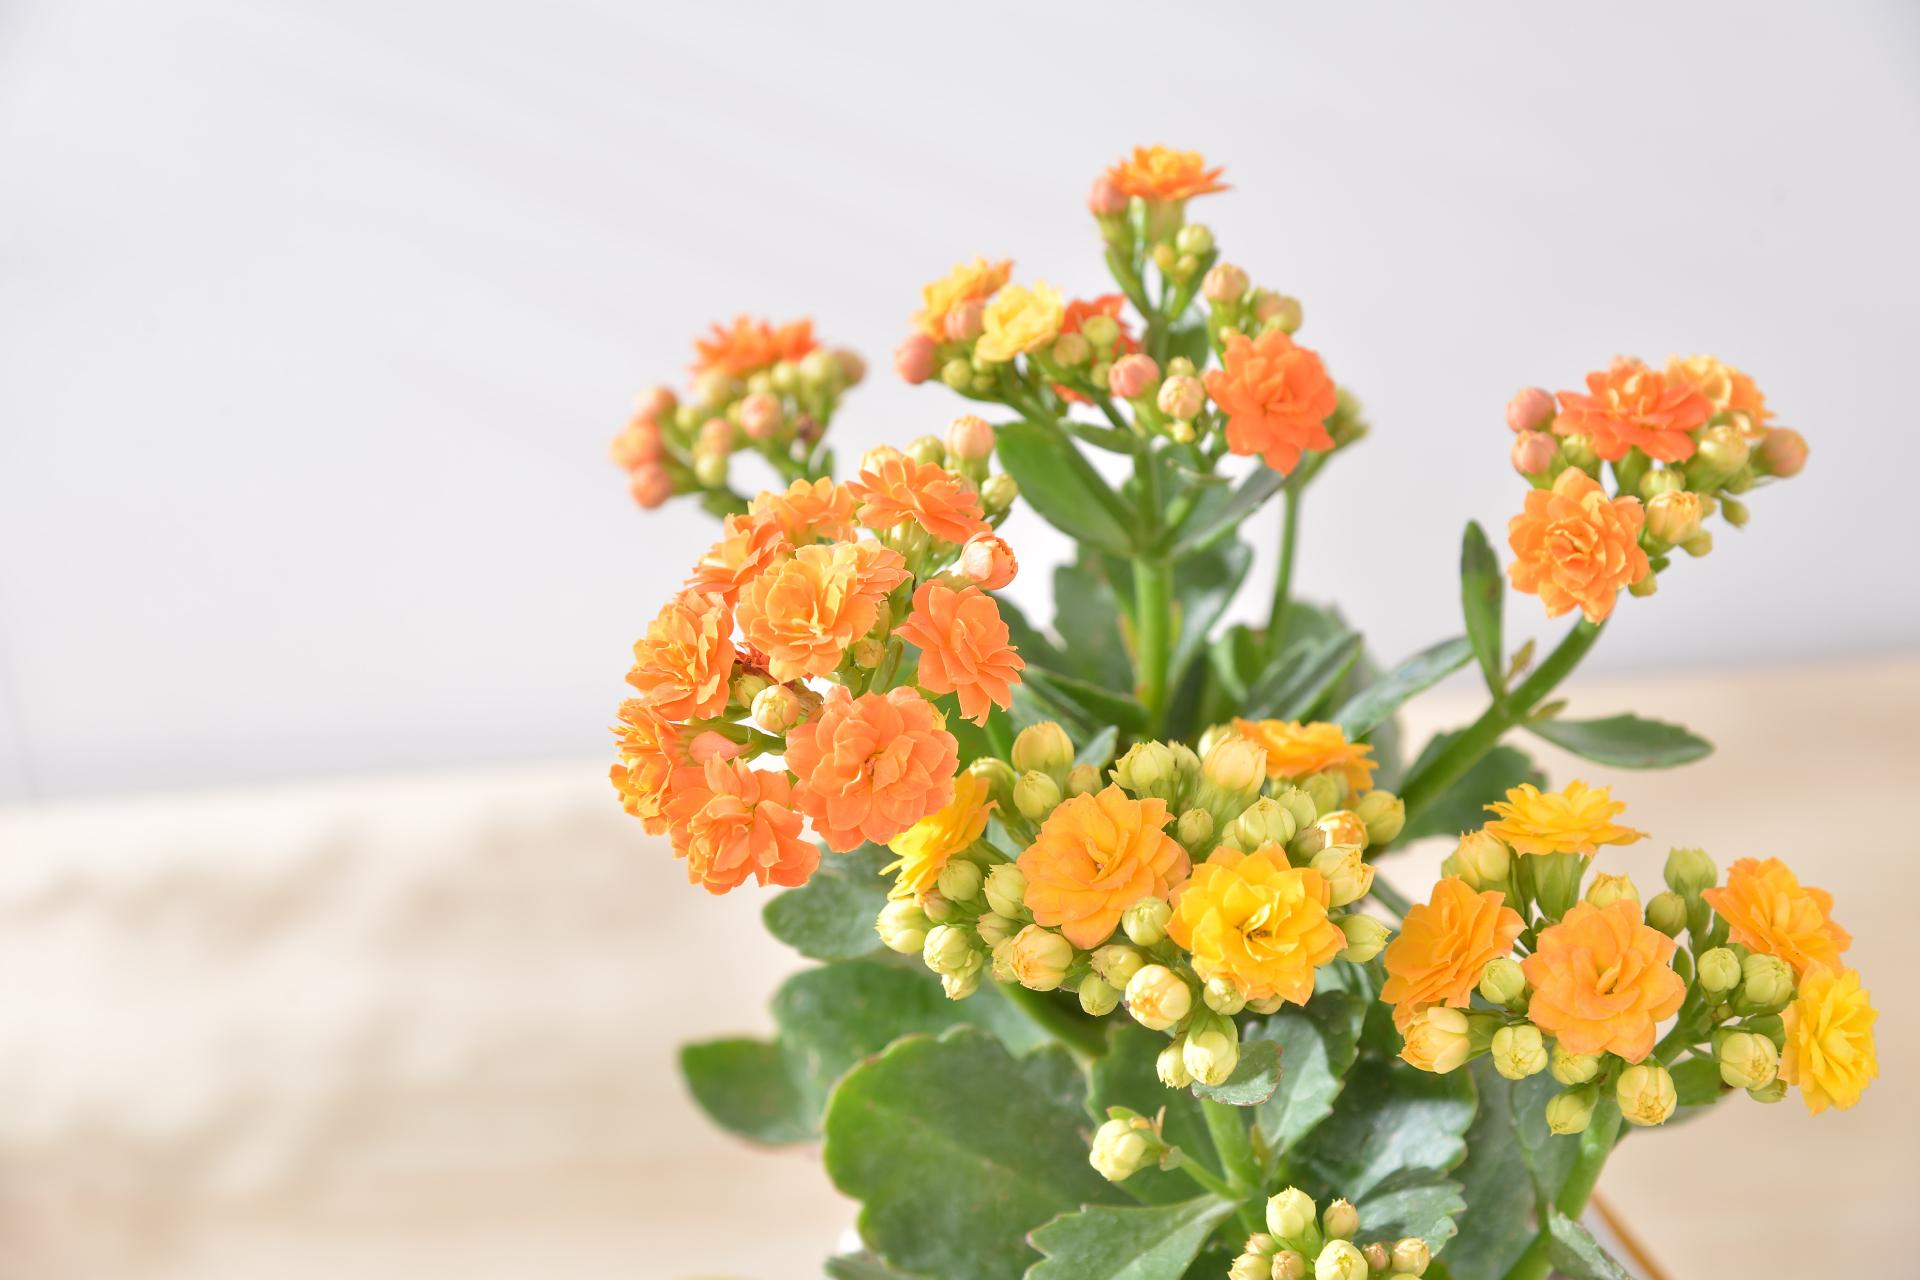 長壽花盆栽 - 簡約方盆組 3工作區域 1 複本 2